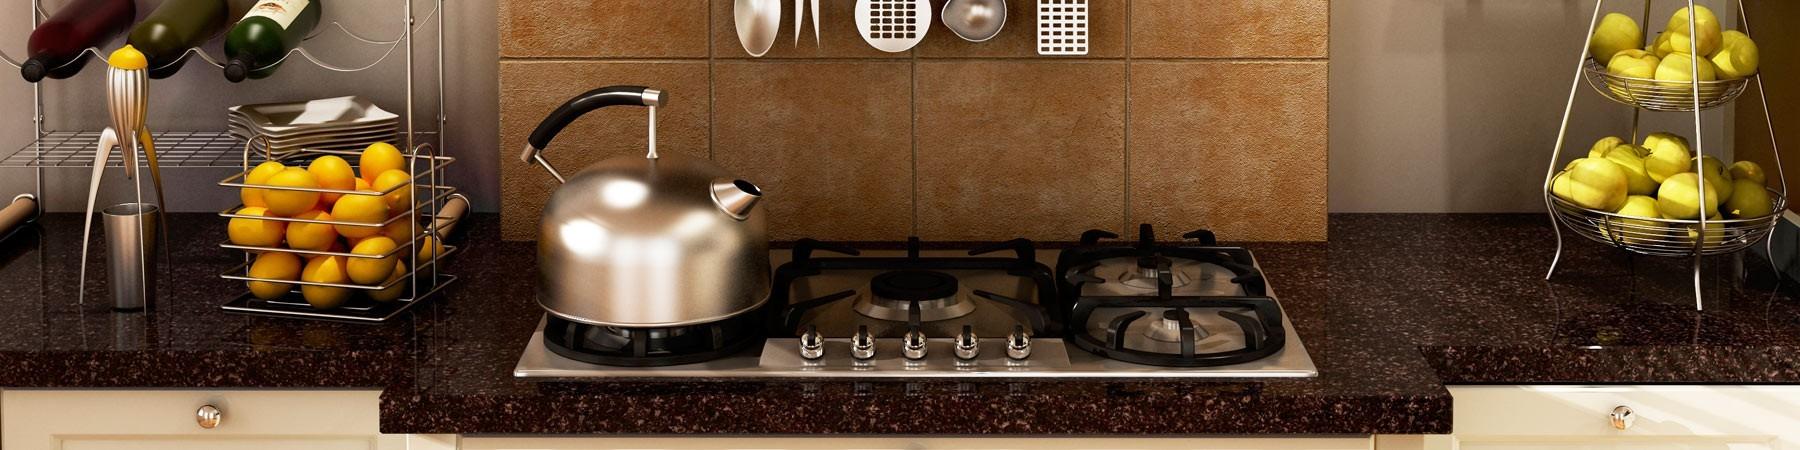 Gia dụng phòng bếp, nấu bếp chất lượng cao, chính hãng, nhập khẩu